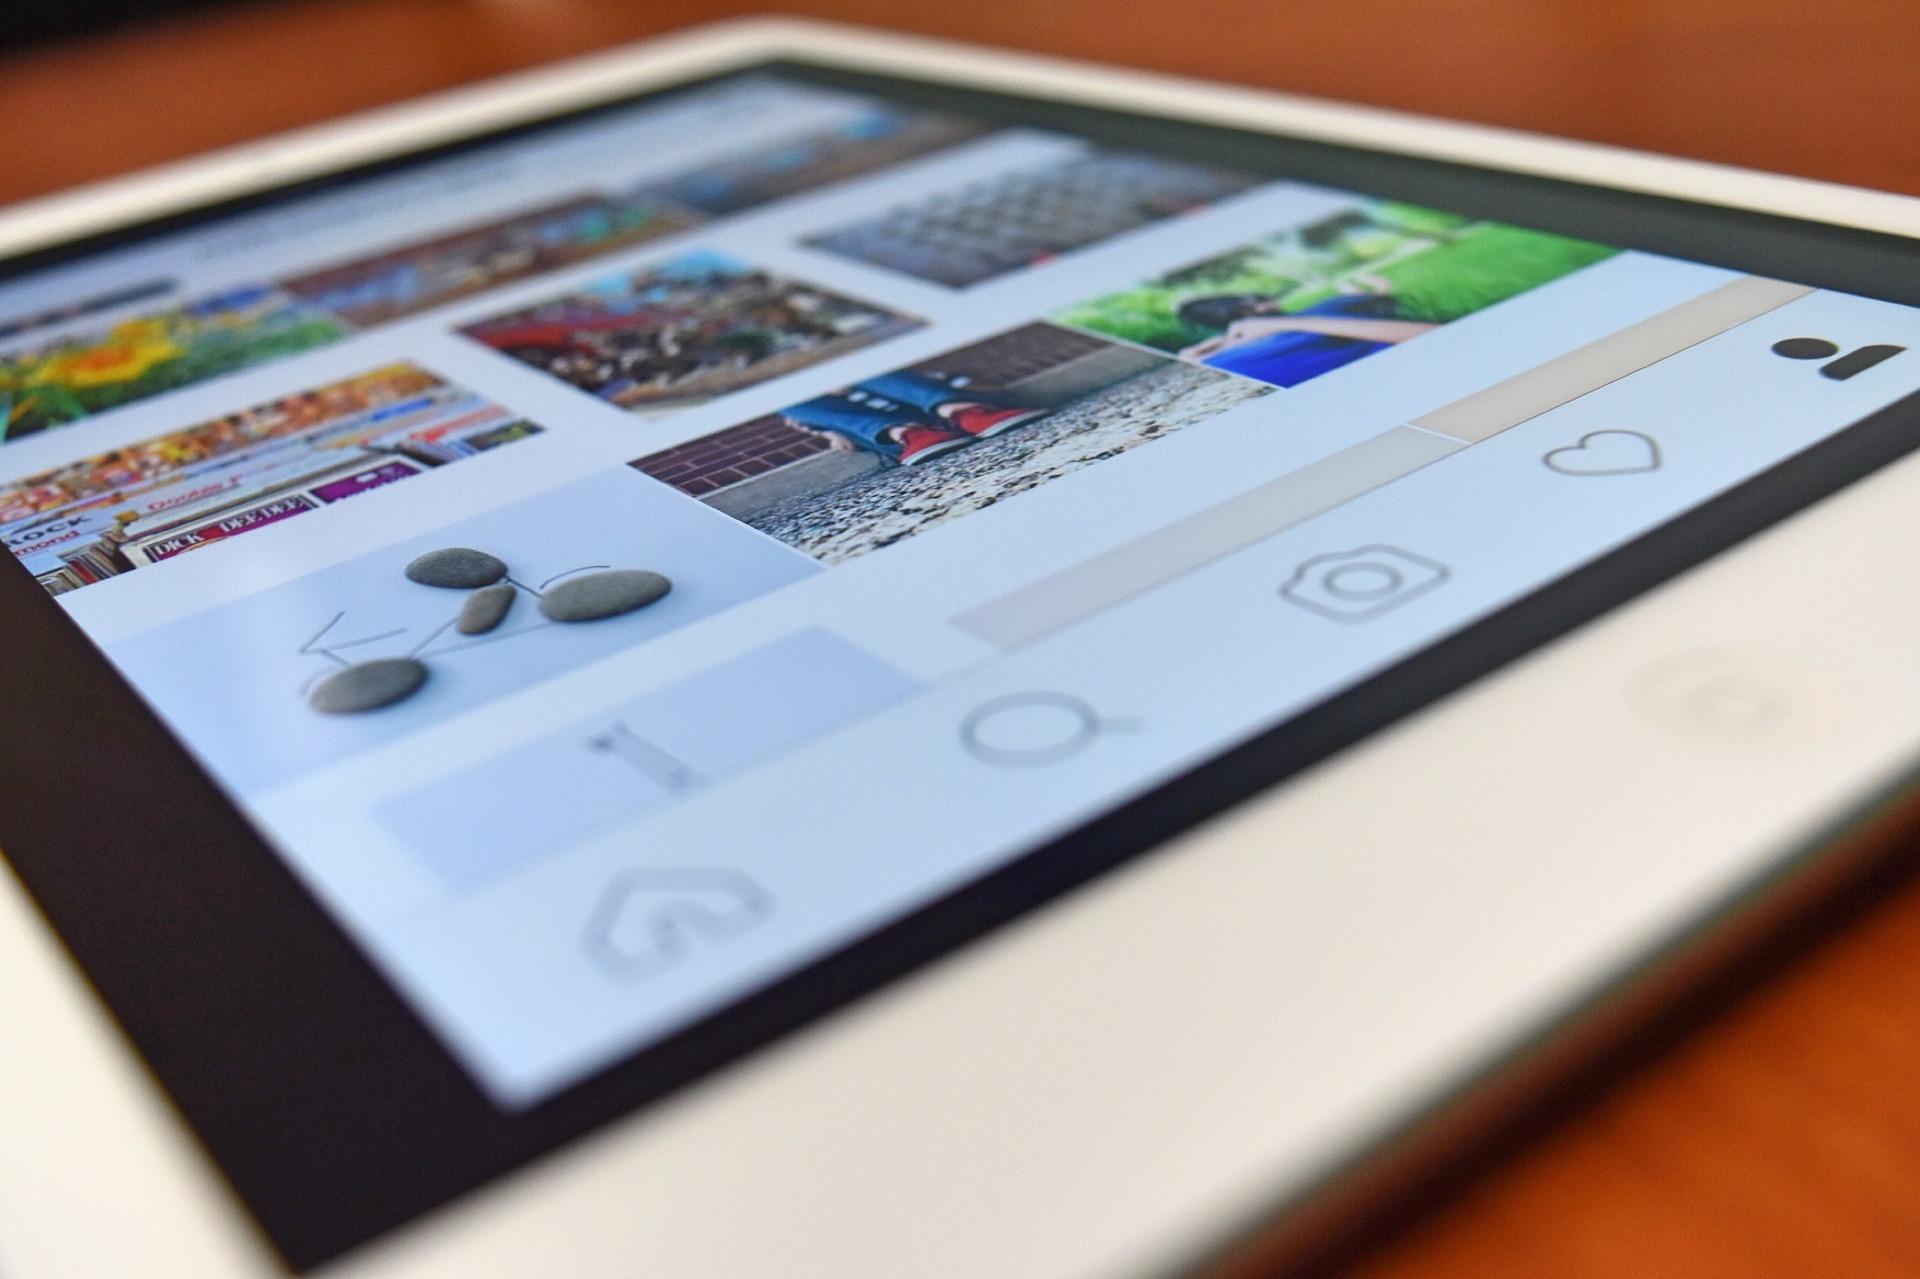 Social media screen on tablet